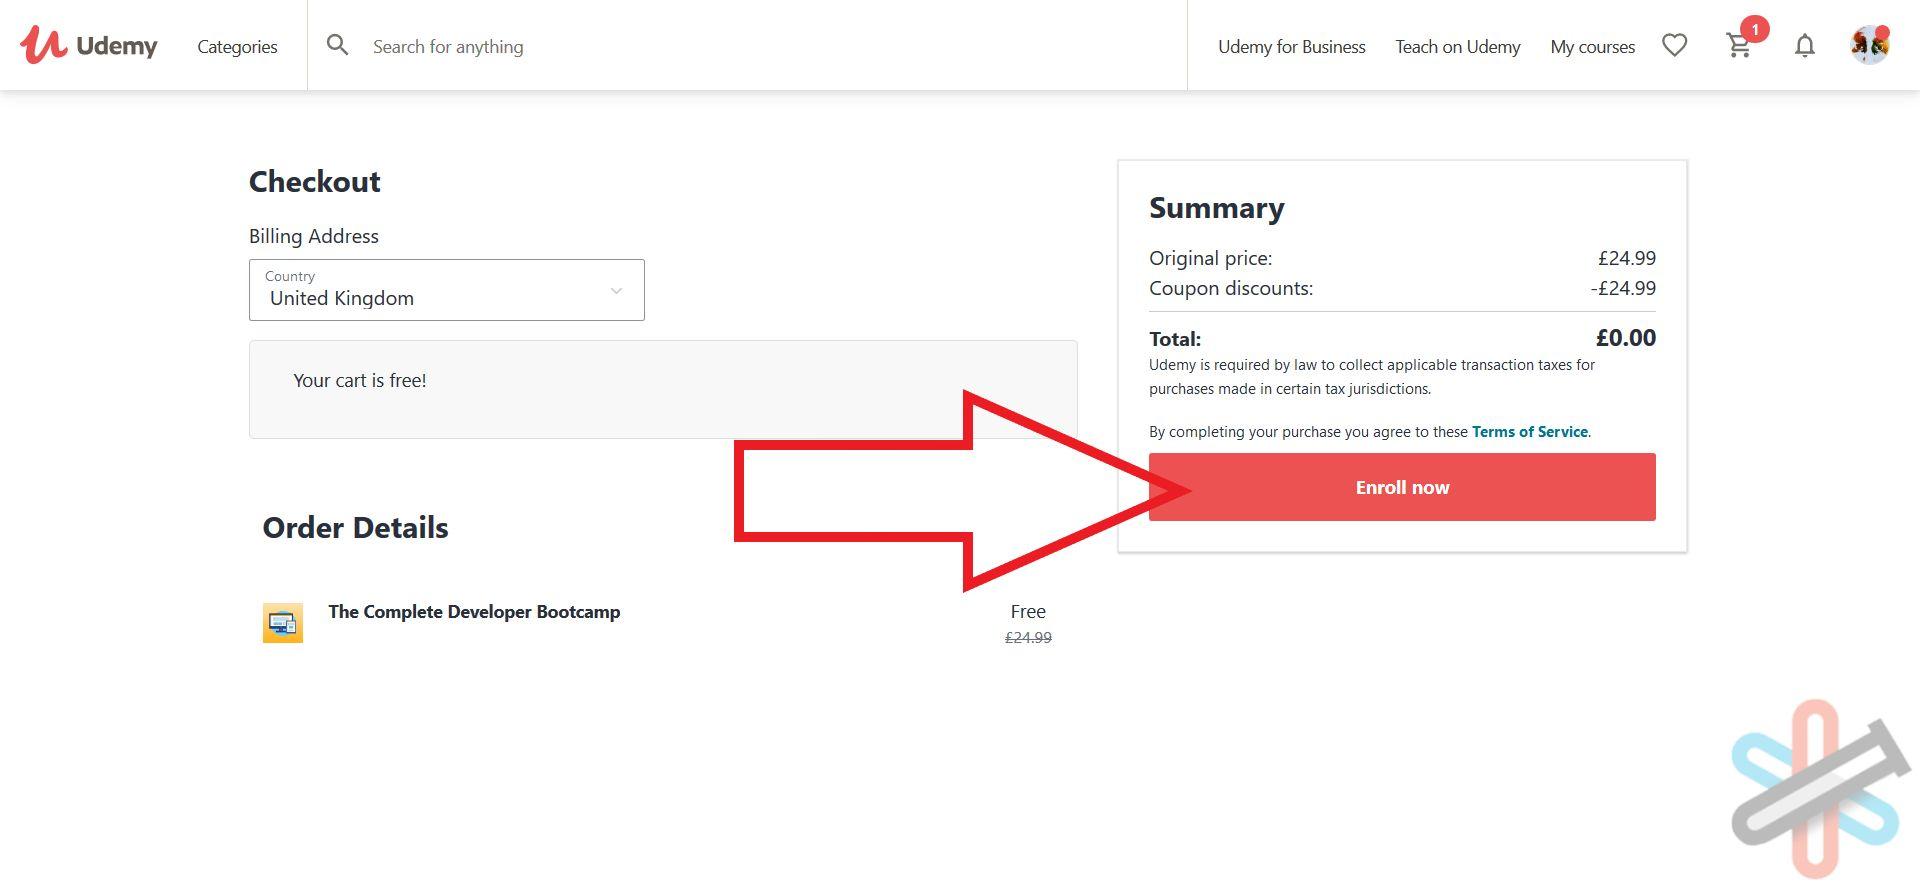 آموزش دریافت رایگان از سایت یودمی (Udemy) + ساخت اکانت 10